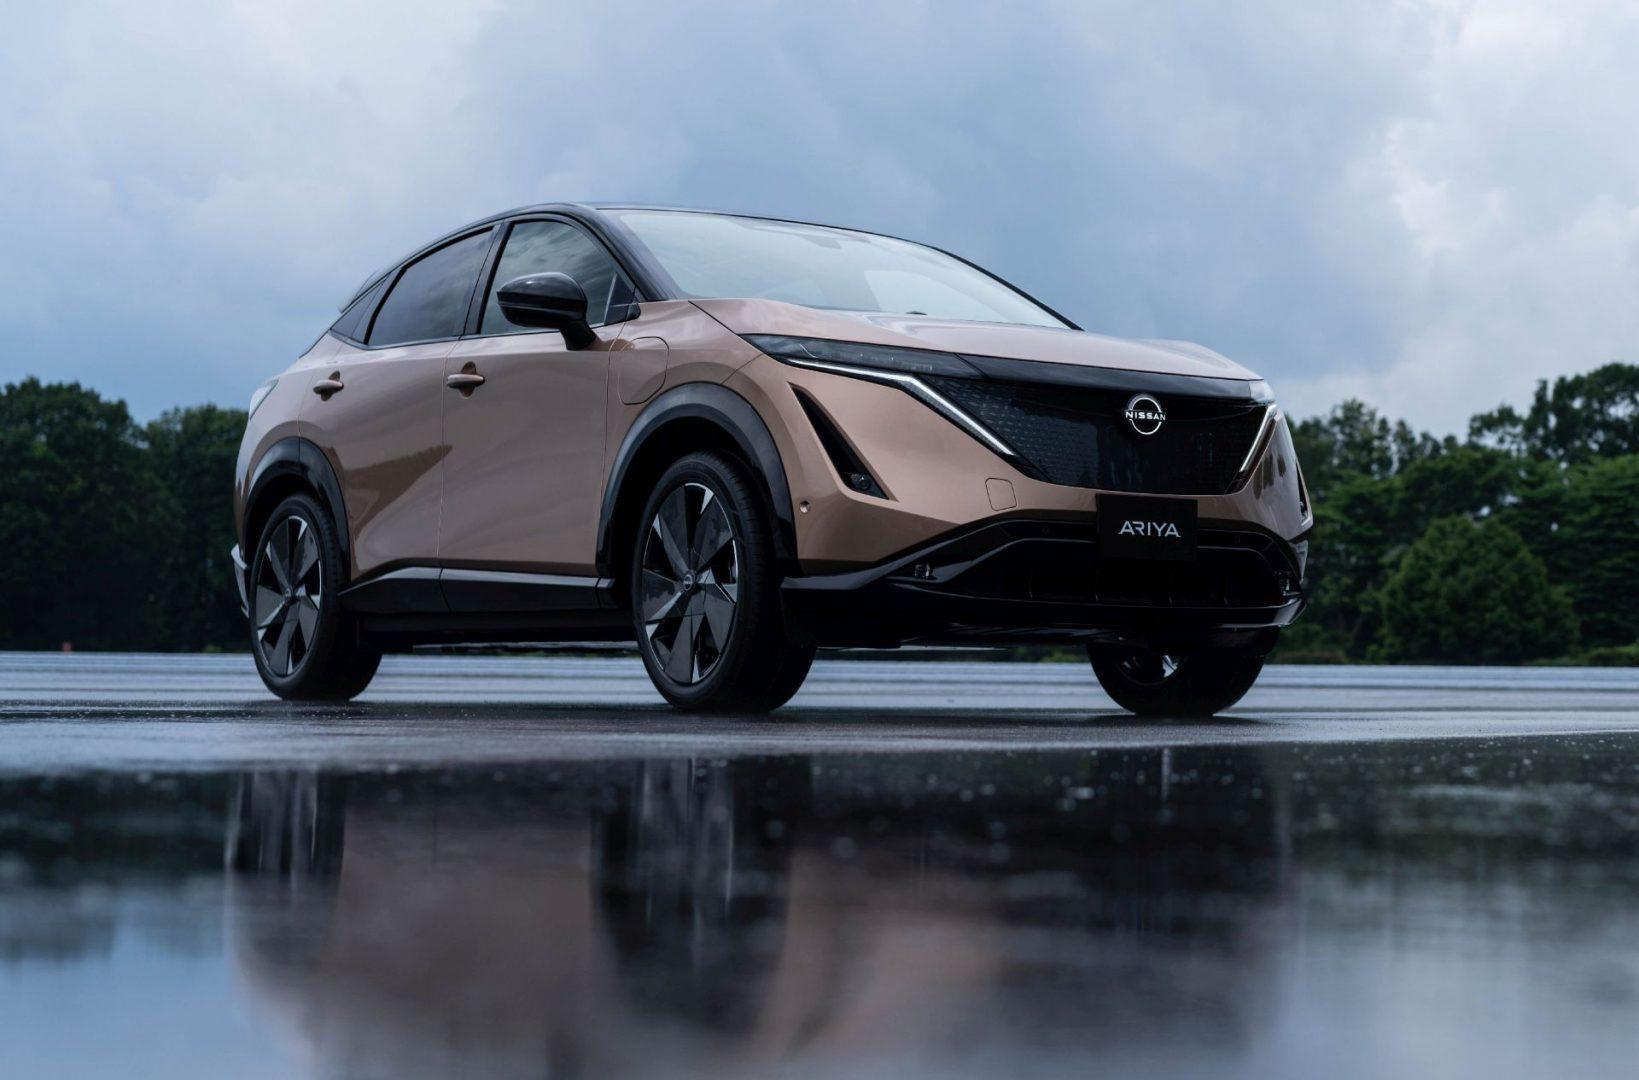 Novu eru Nissan električnih vozila predstavlja novi električni coupe SUV Ariya